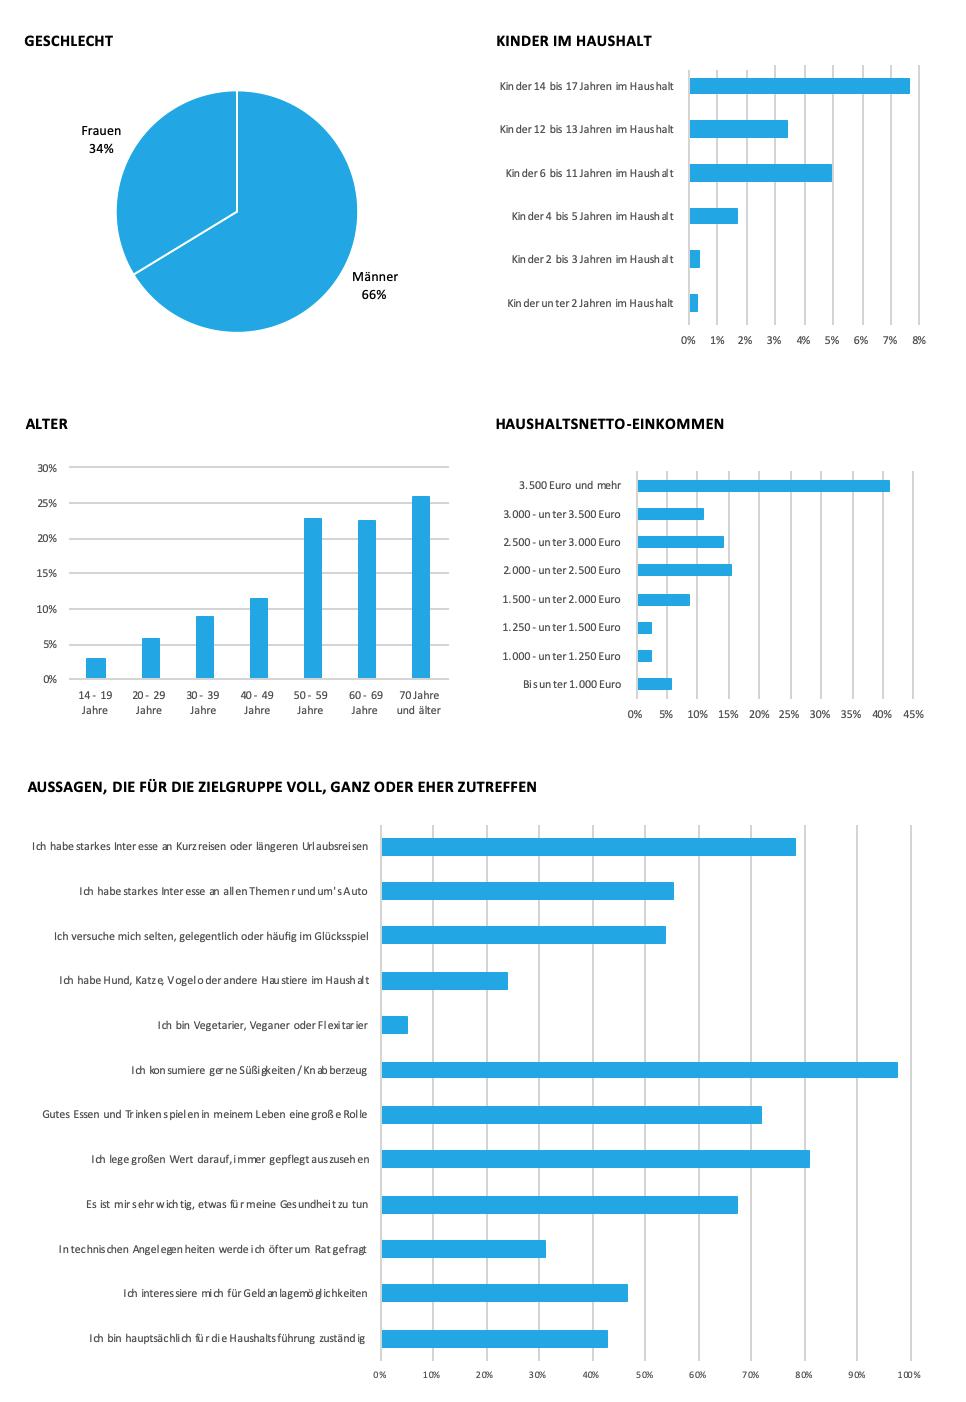 Soziodemografische Daten zu Walbusch